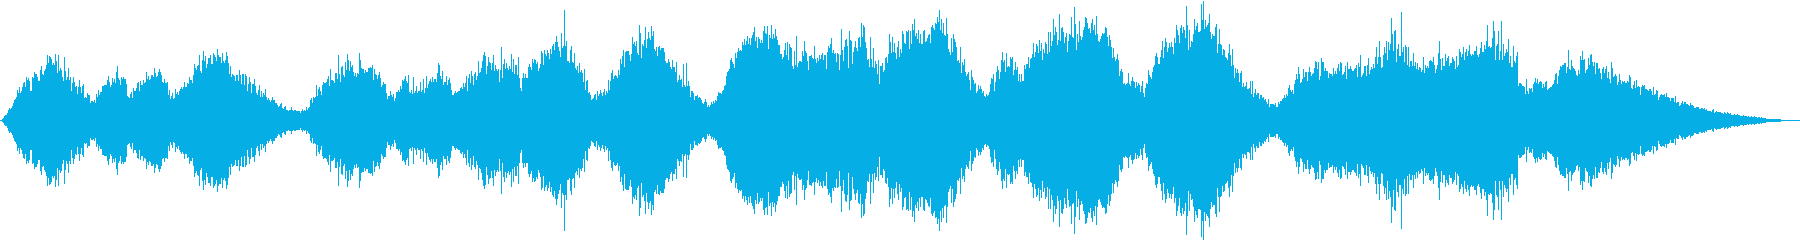 シンセサイザーのみのサウンドエフェクトの再生済みの波形